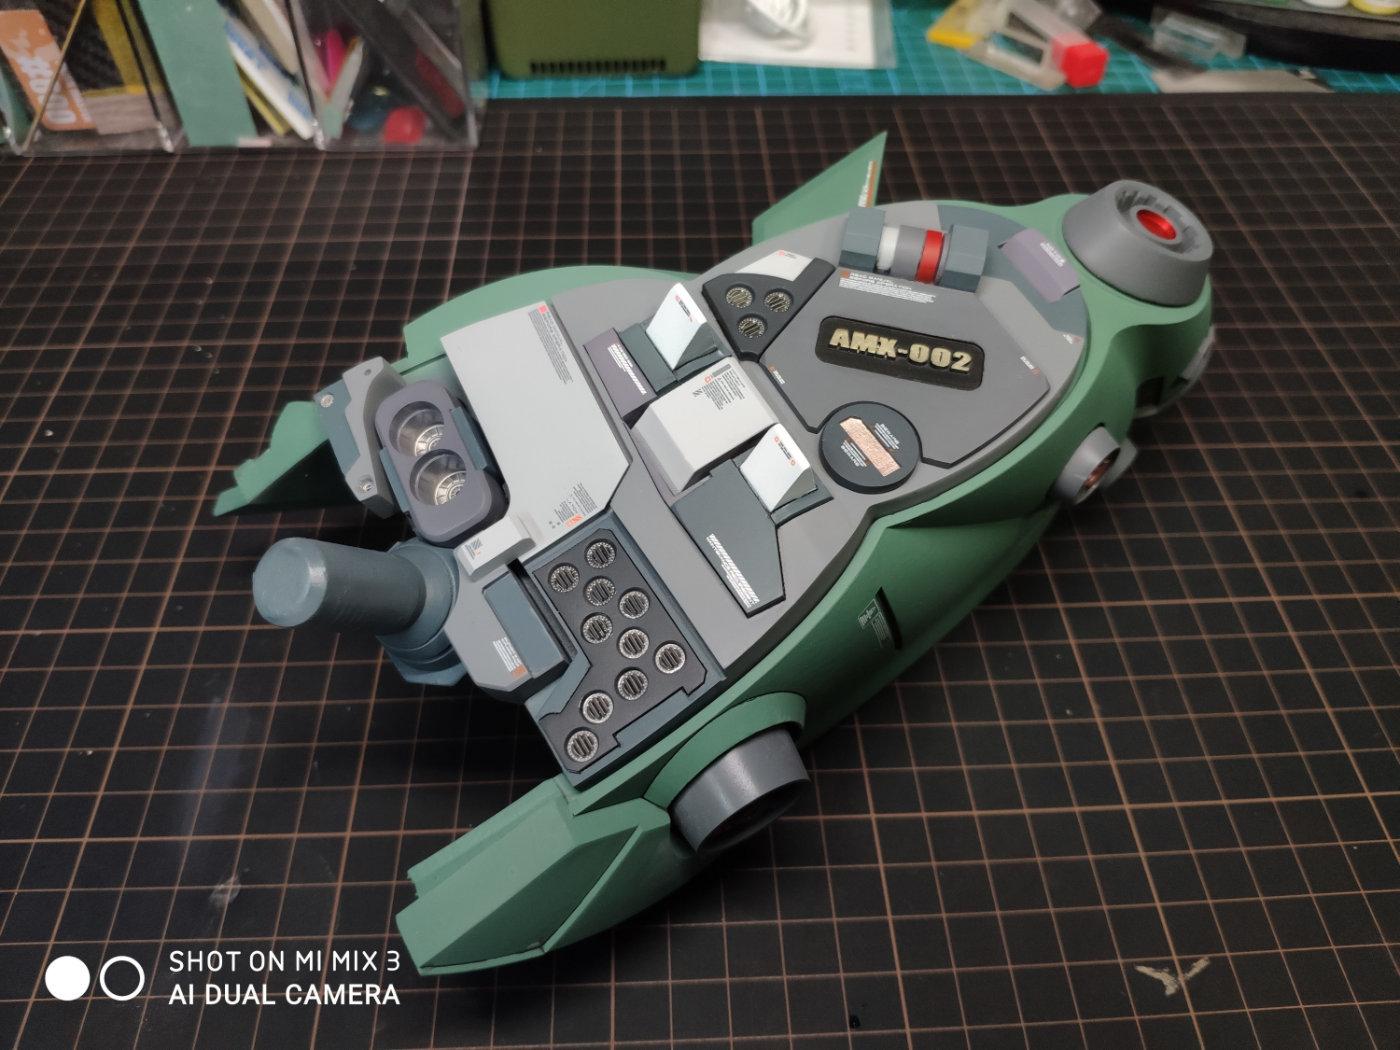 G330_AMX_002_Neue_Ziel_p_114.jpg